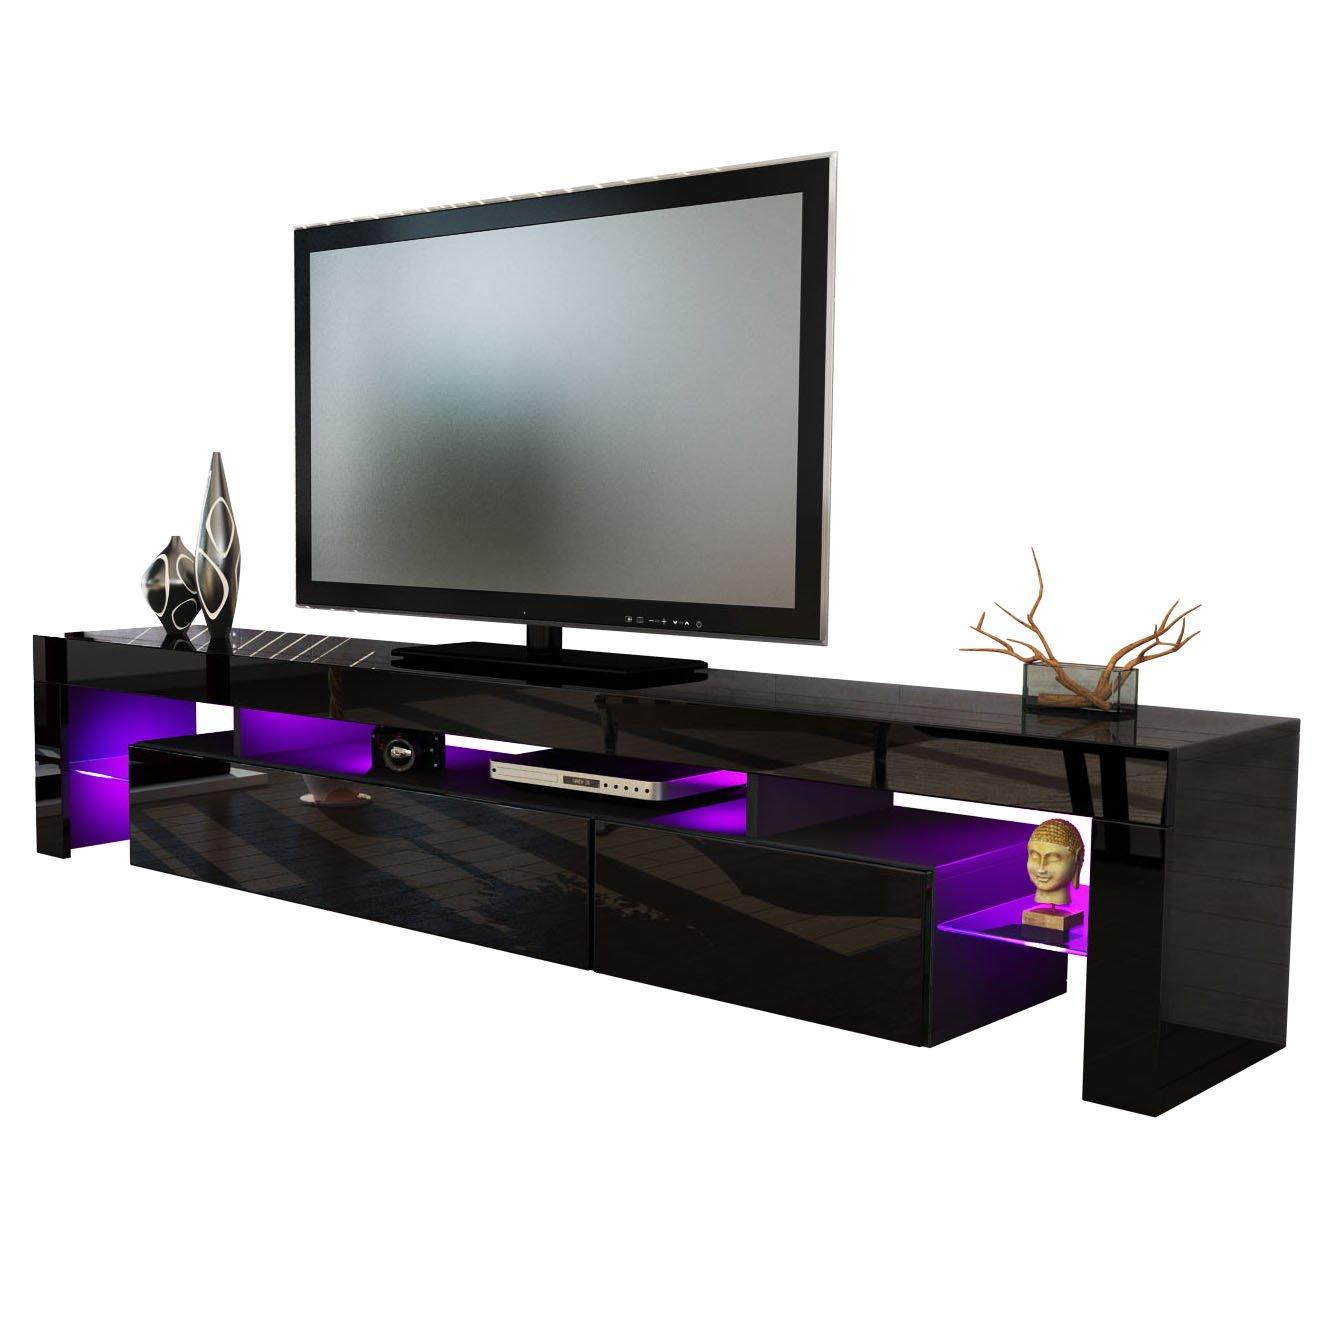 halterungen st nder f r fernseher. Black Bedroom Furniture Sets. Home Design Ideas